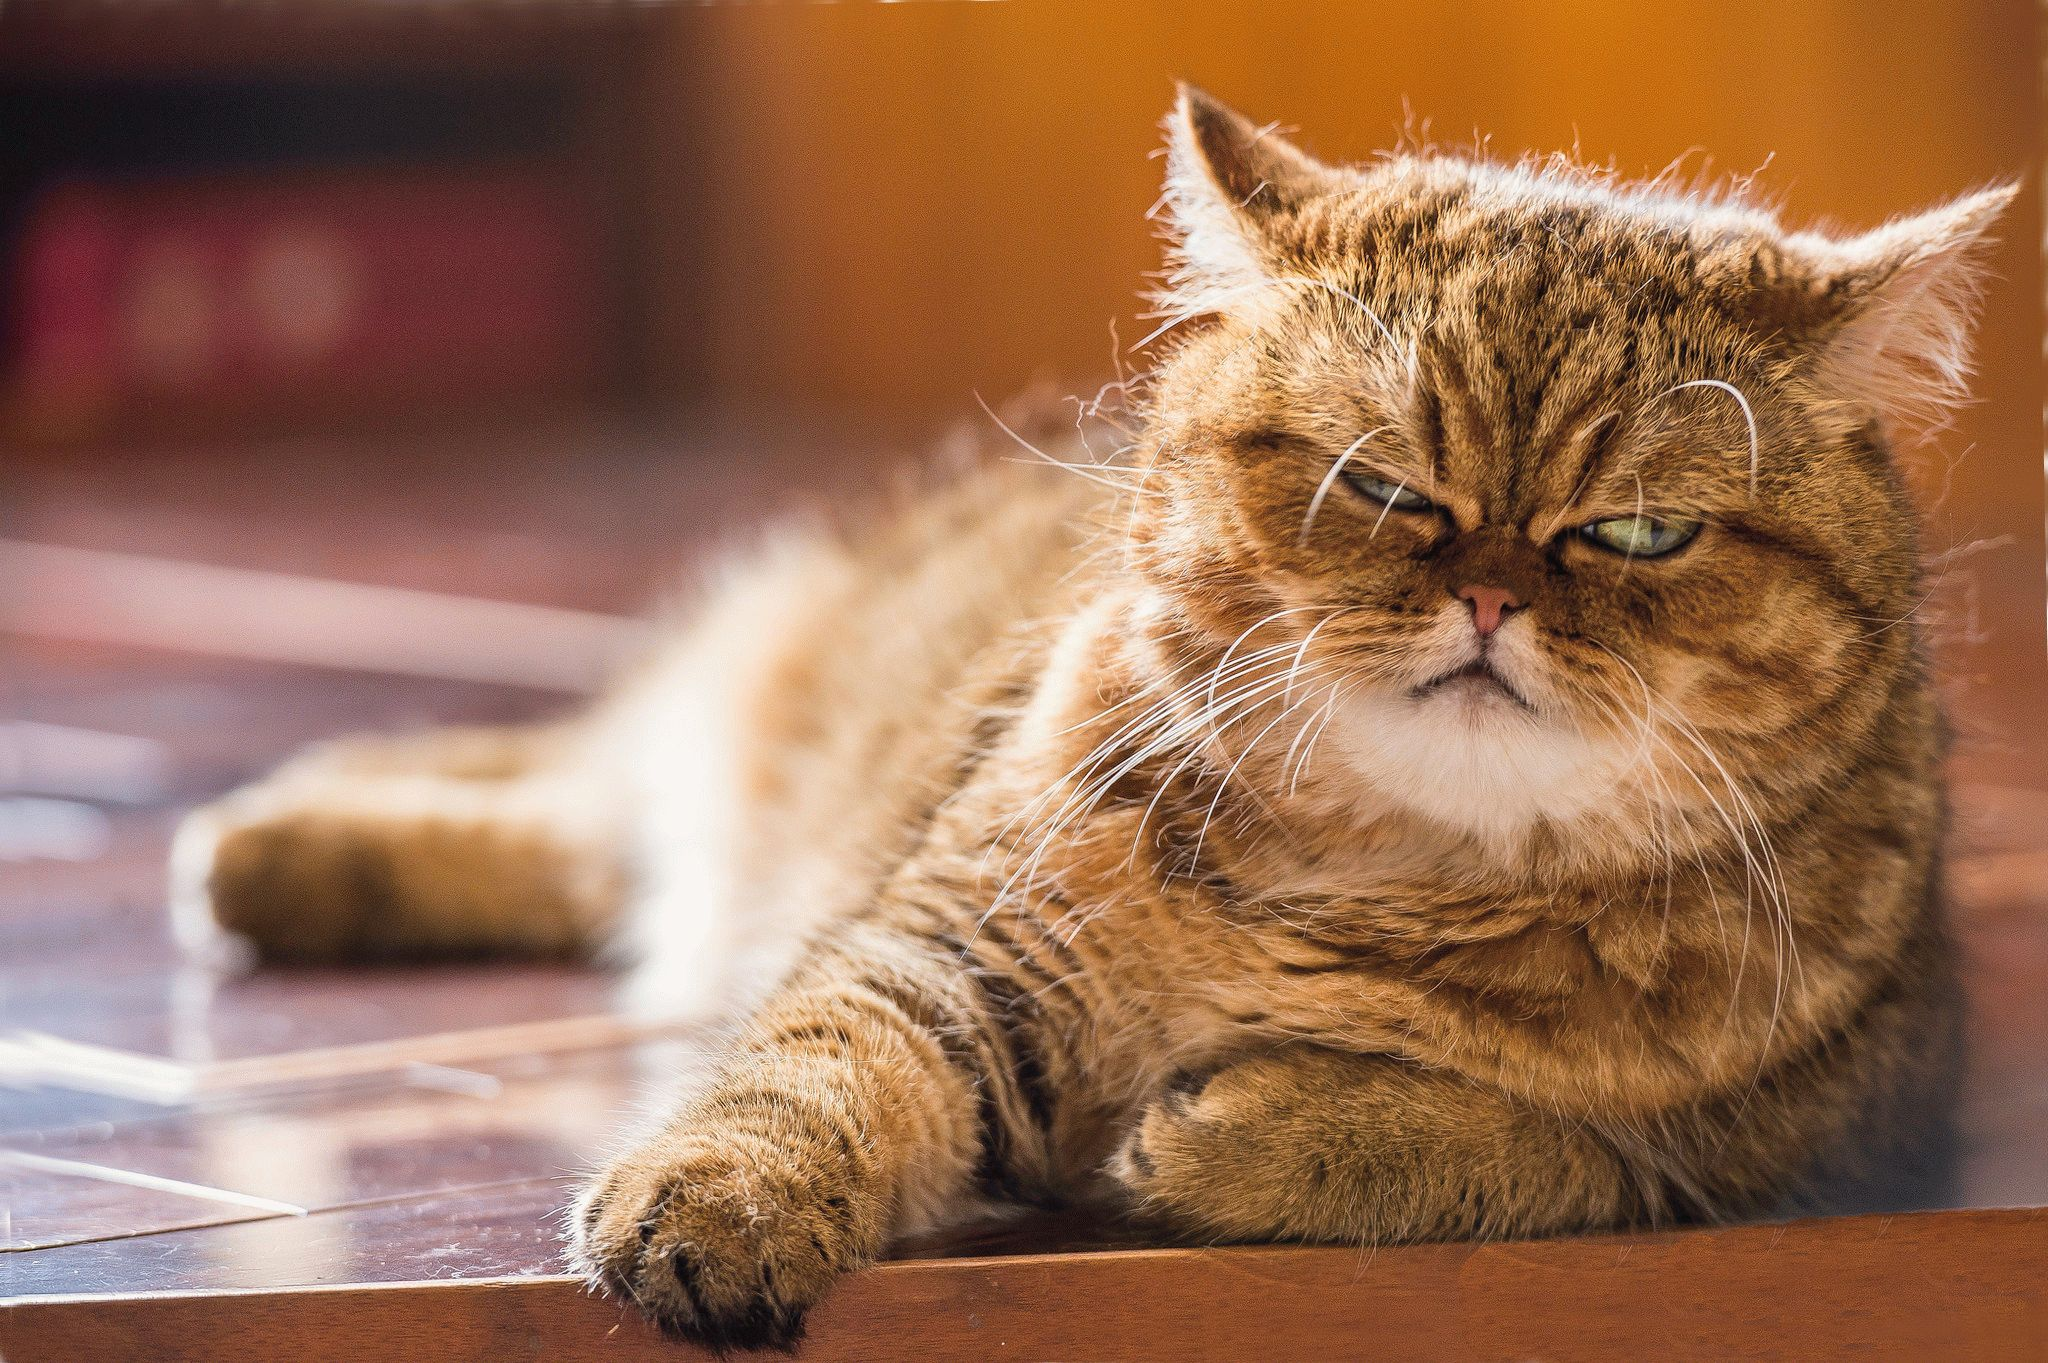 кастрюльку ржачные фото с кошками смогла дать отпор